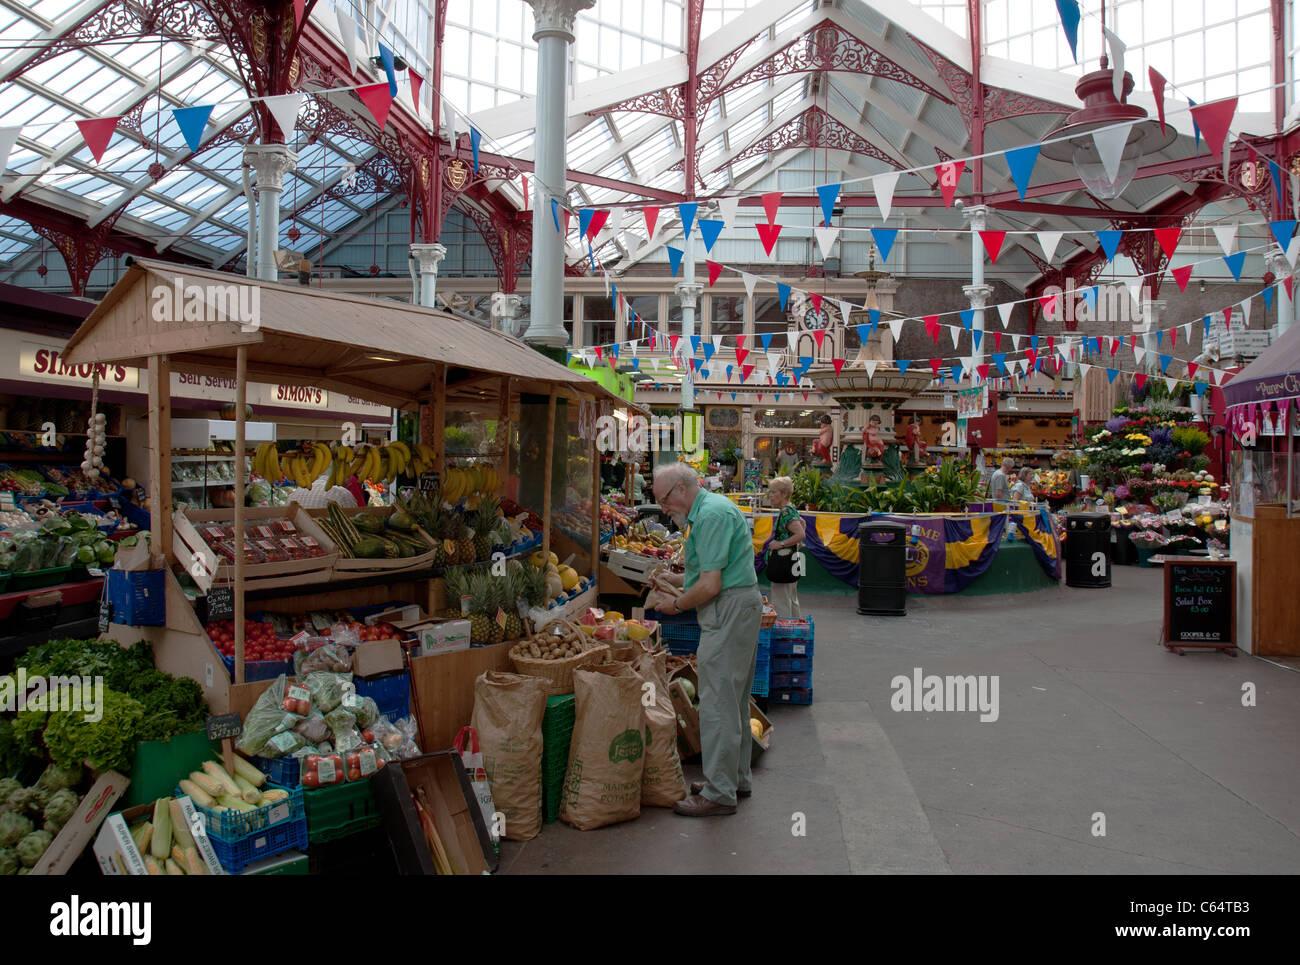 Fruit and Veg market - Stock Image